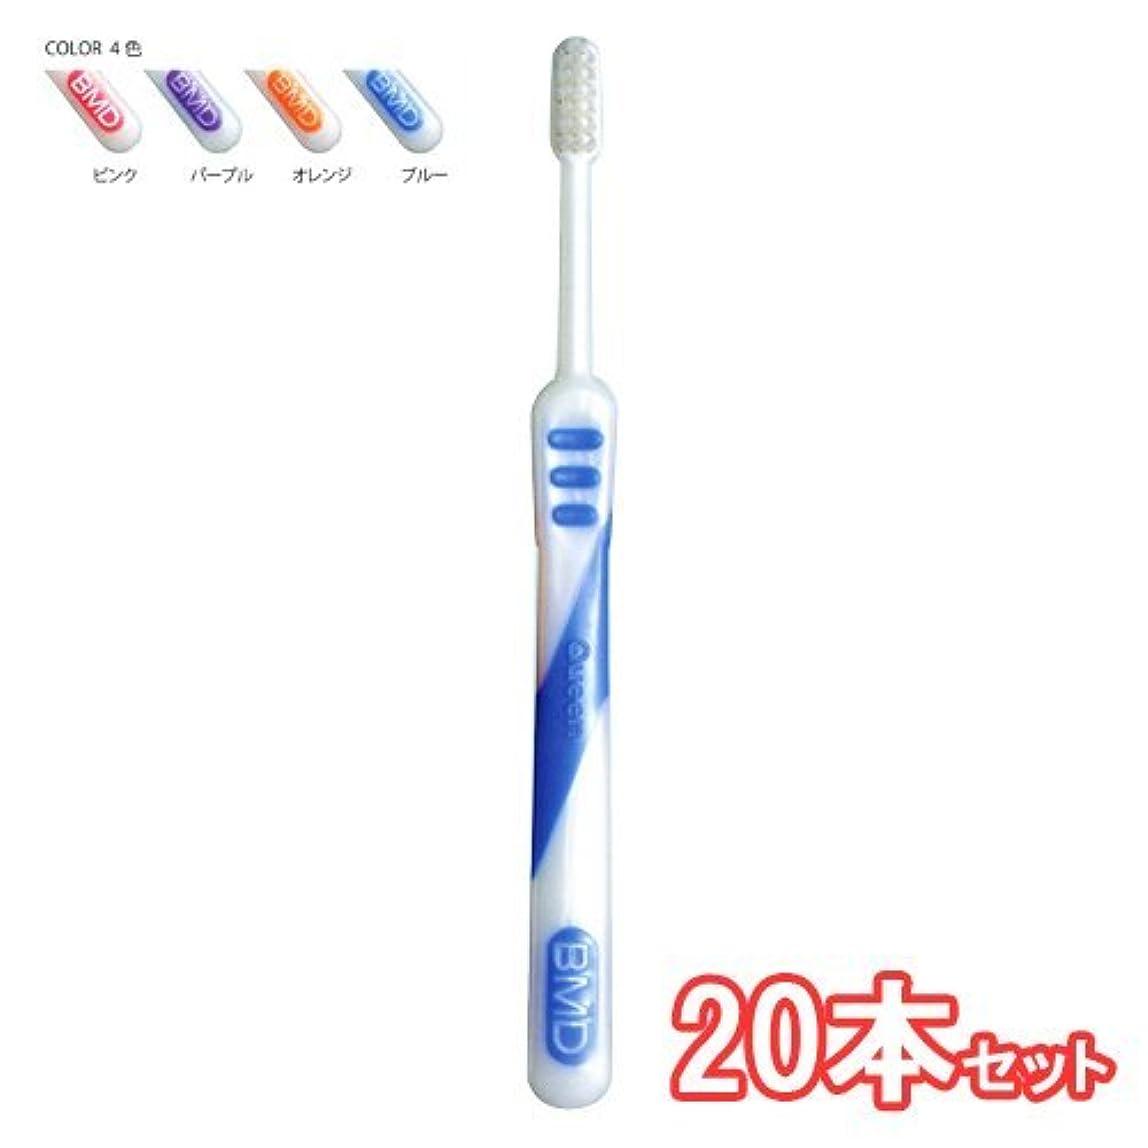 サロン冷蔵する助言するビーブランド ビークイーン 歯ブラシ 20本入 105